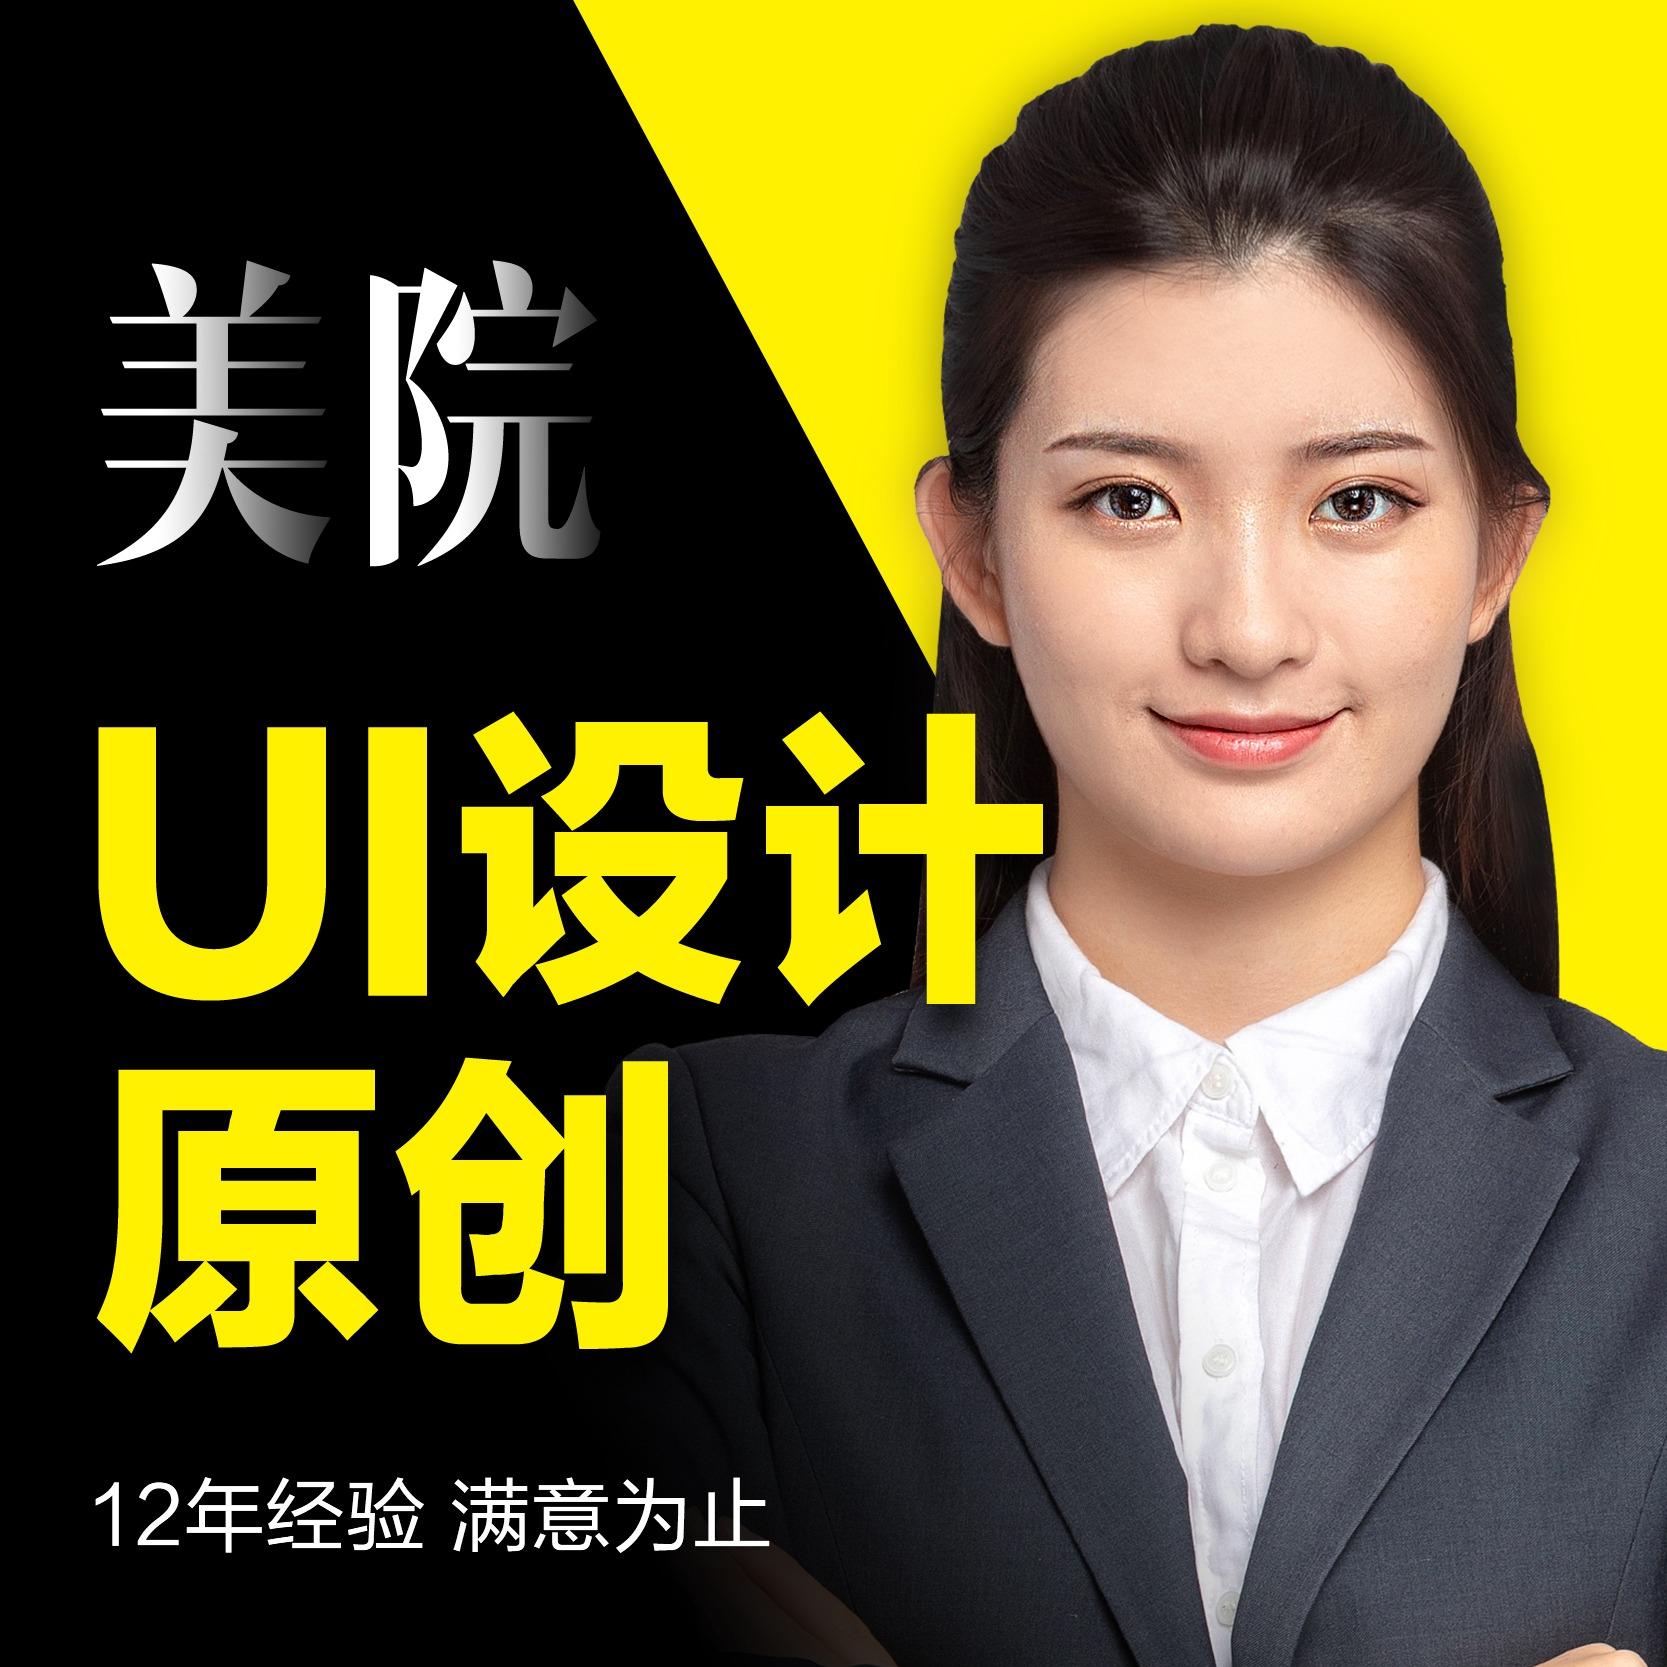 【教育行业】UI设计APPUI移动ui网页设计系统界面设计